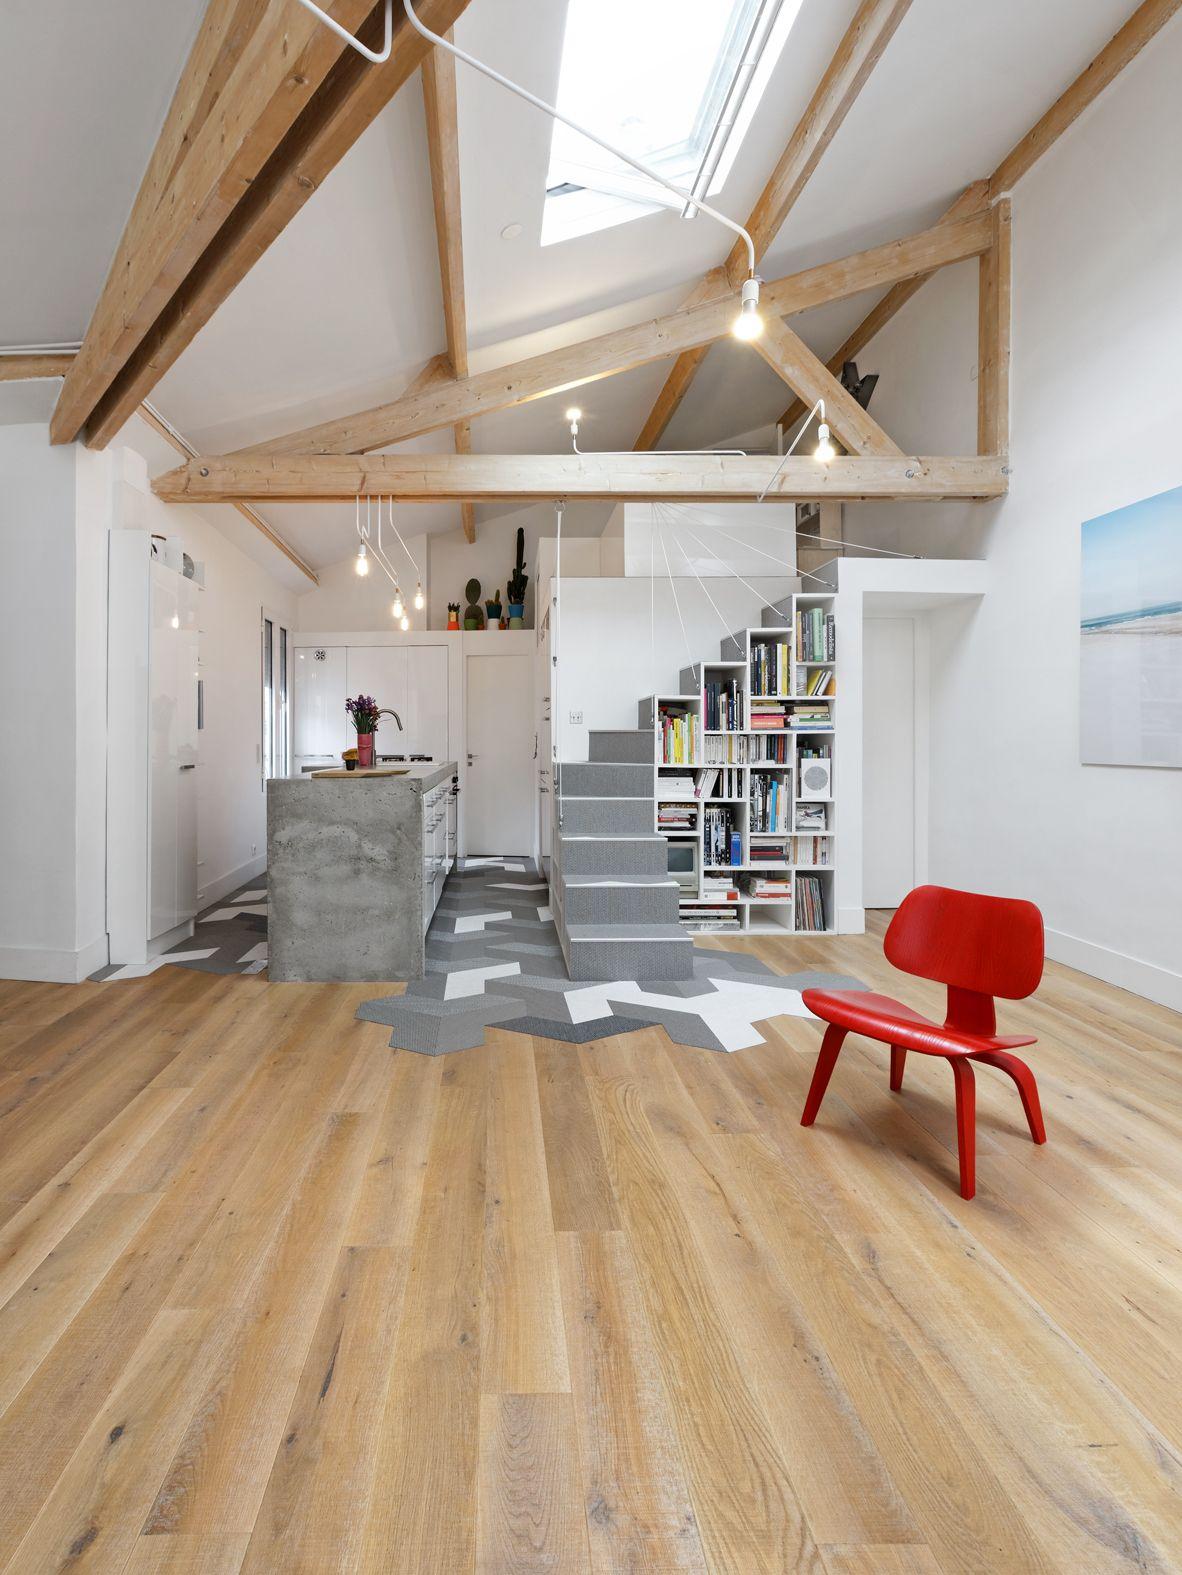 Chrystel C. - Rencontre un Archi  Prenez rendez-vous avec un Archi pour 50€  Architecture - construction - architecte - combles - parquet carrelage - chaise vitra jean prouvé rouge poutres apparentes- mezzanine- béton ciré - loft